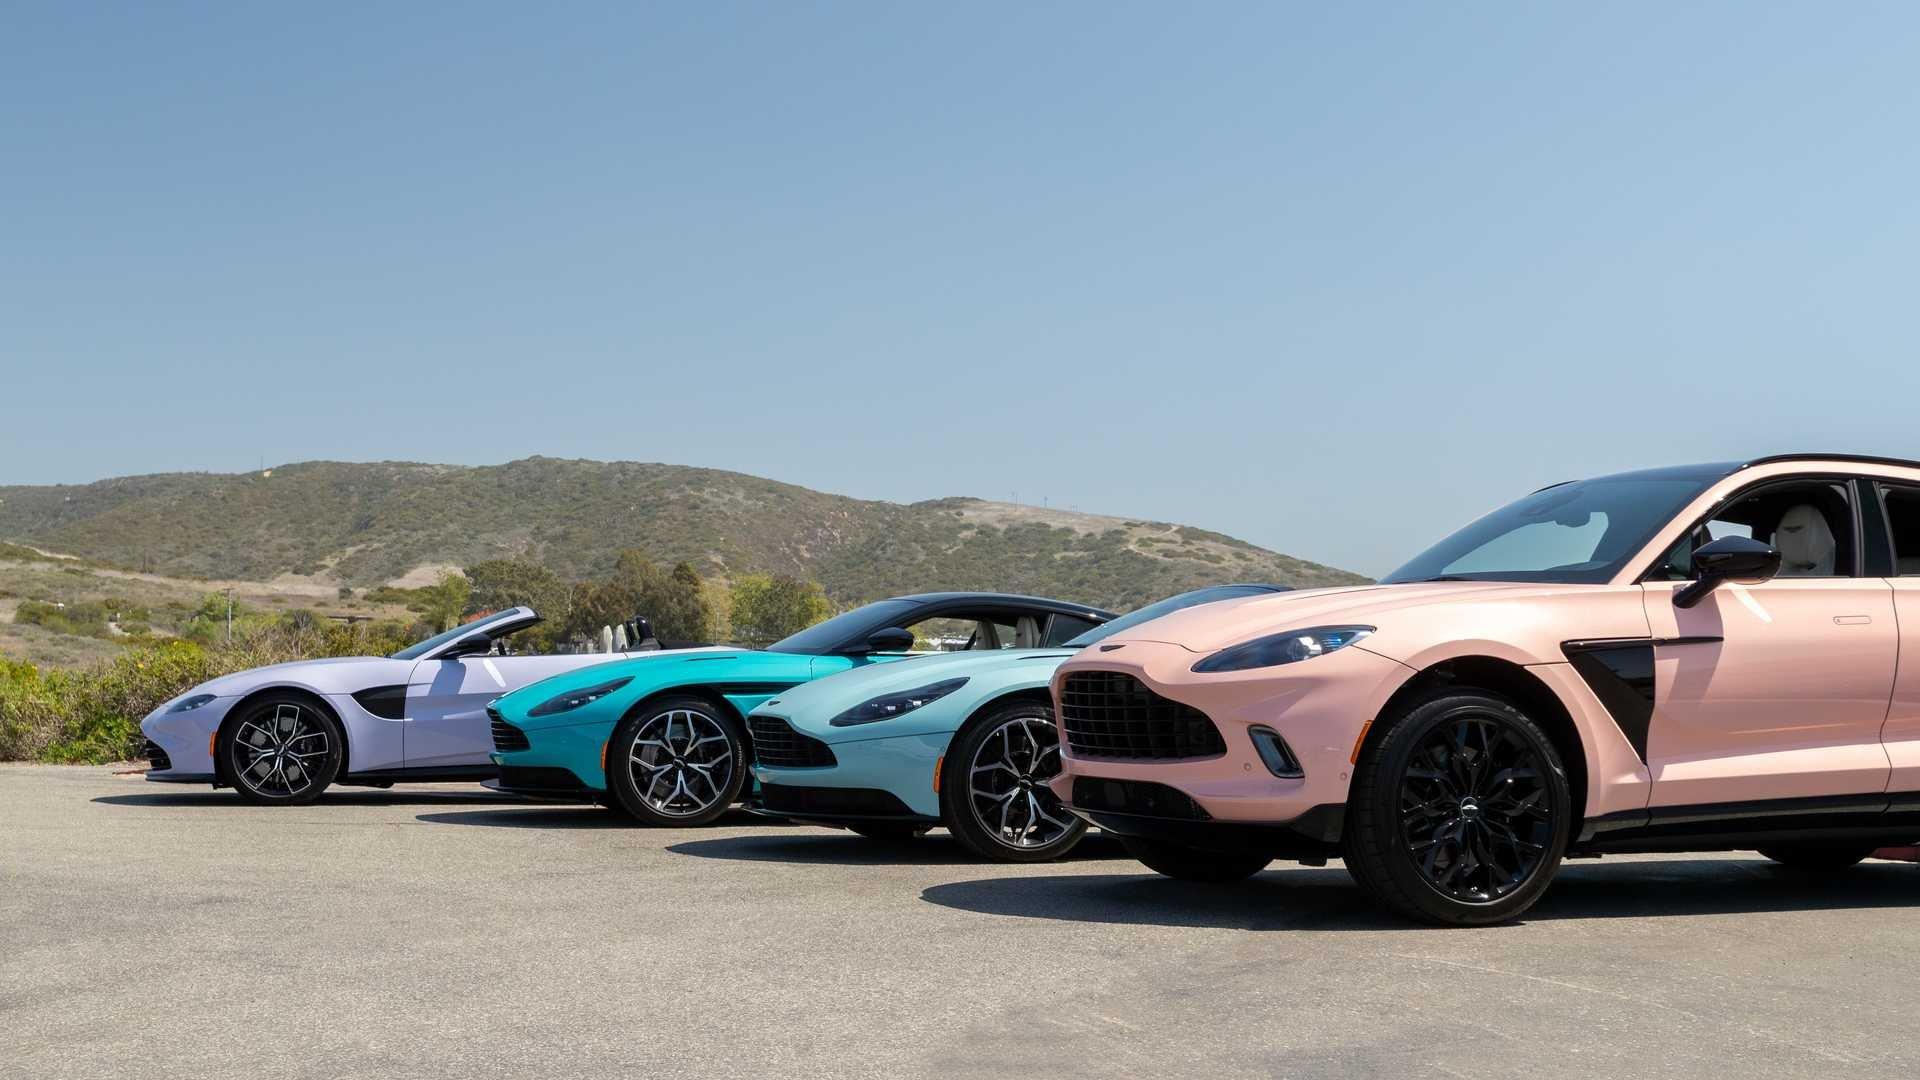 Aston Martin: in arrivo nuovi modelli in sinergia con Mercedes-AMG